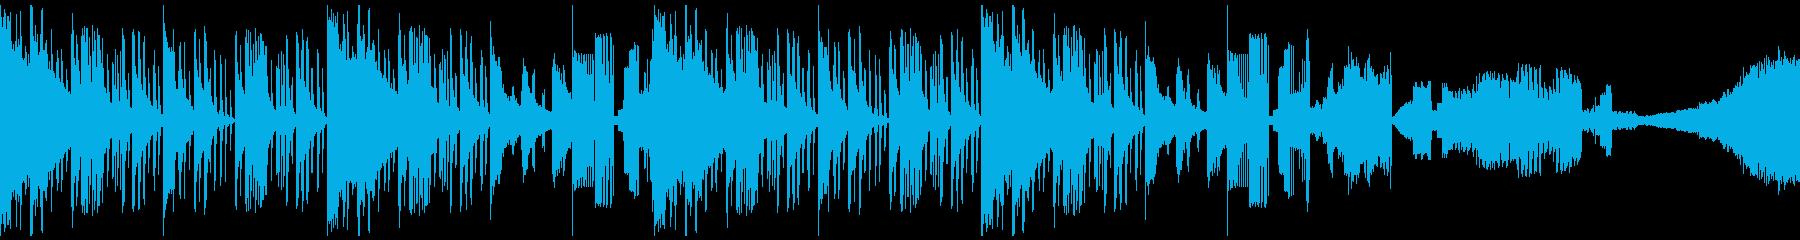 【オシャレで個性的TRAP/チルアウト】の再生済みの波形